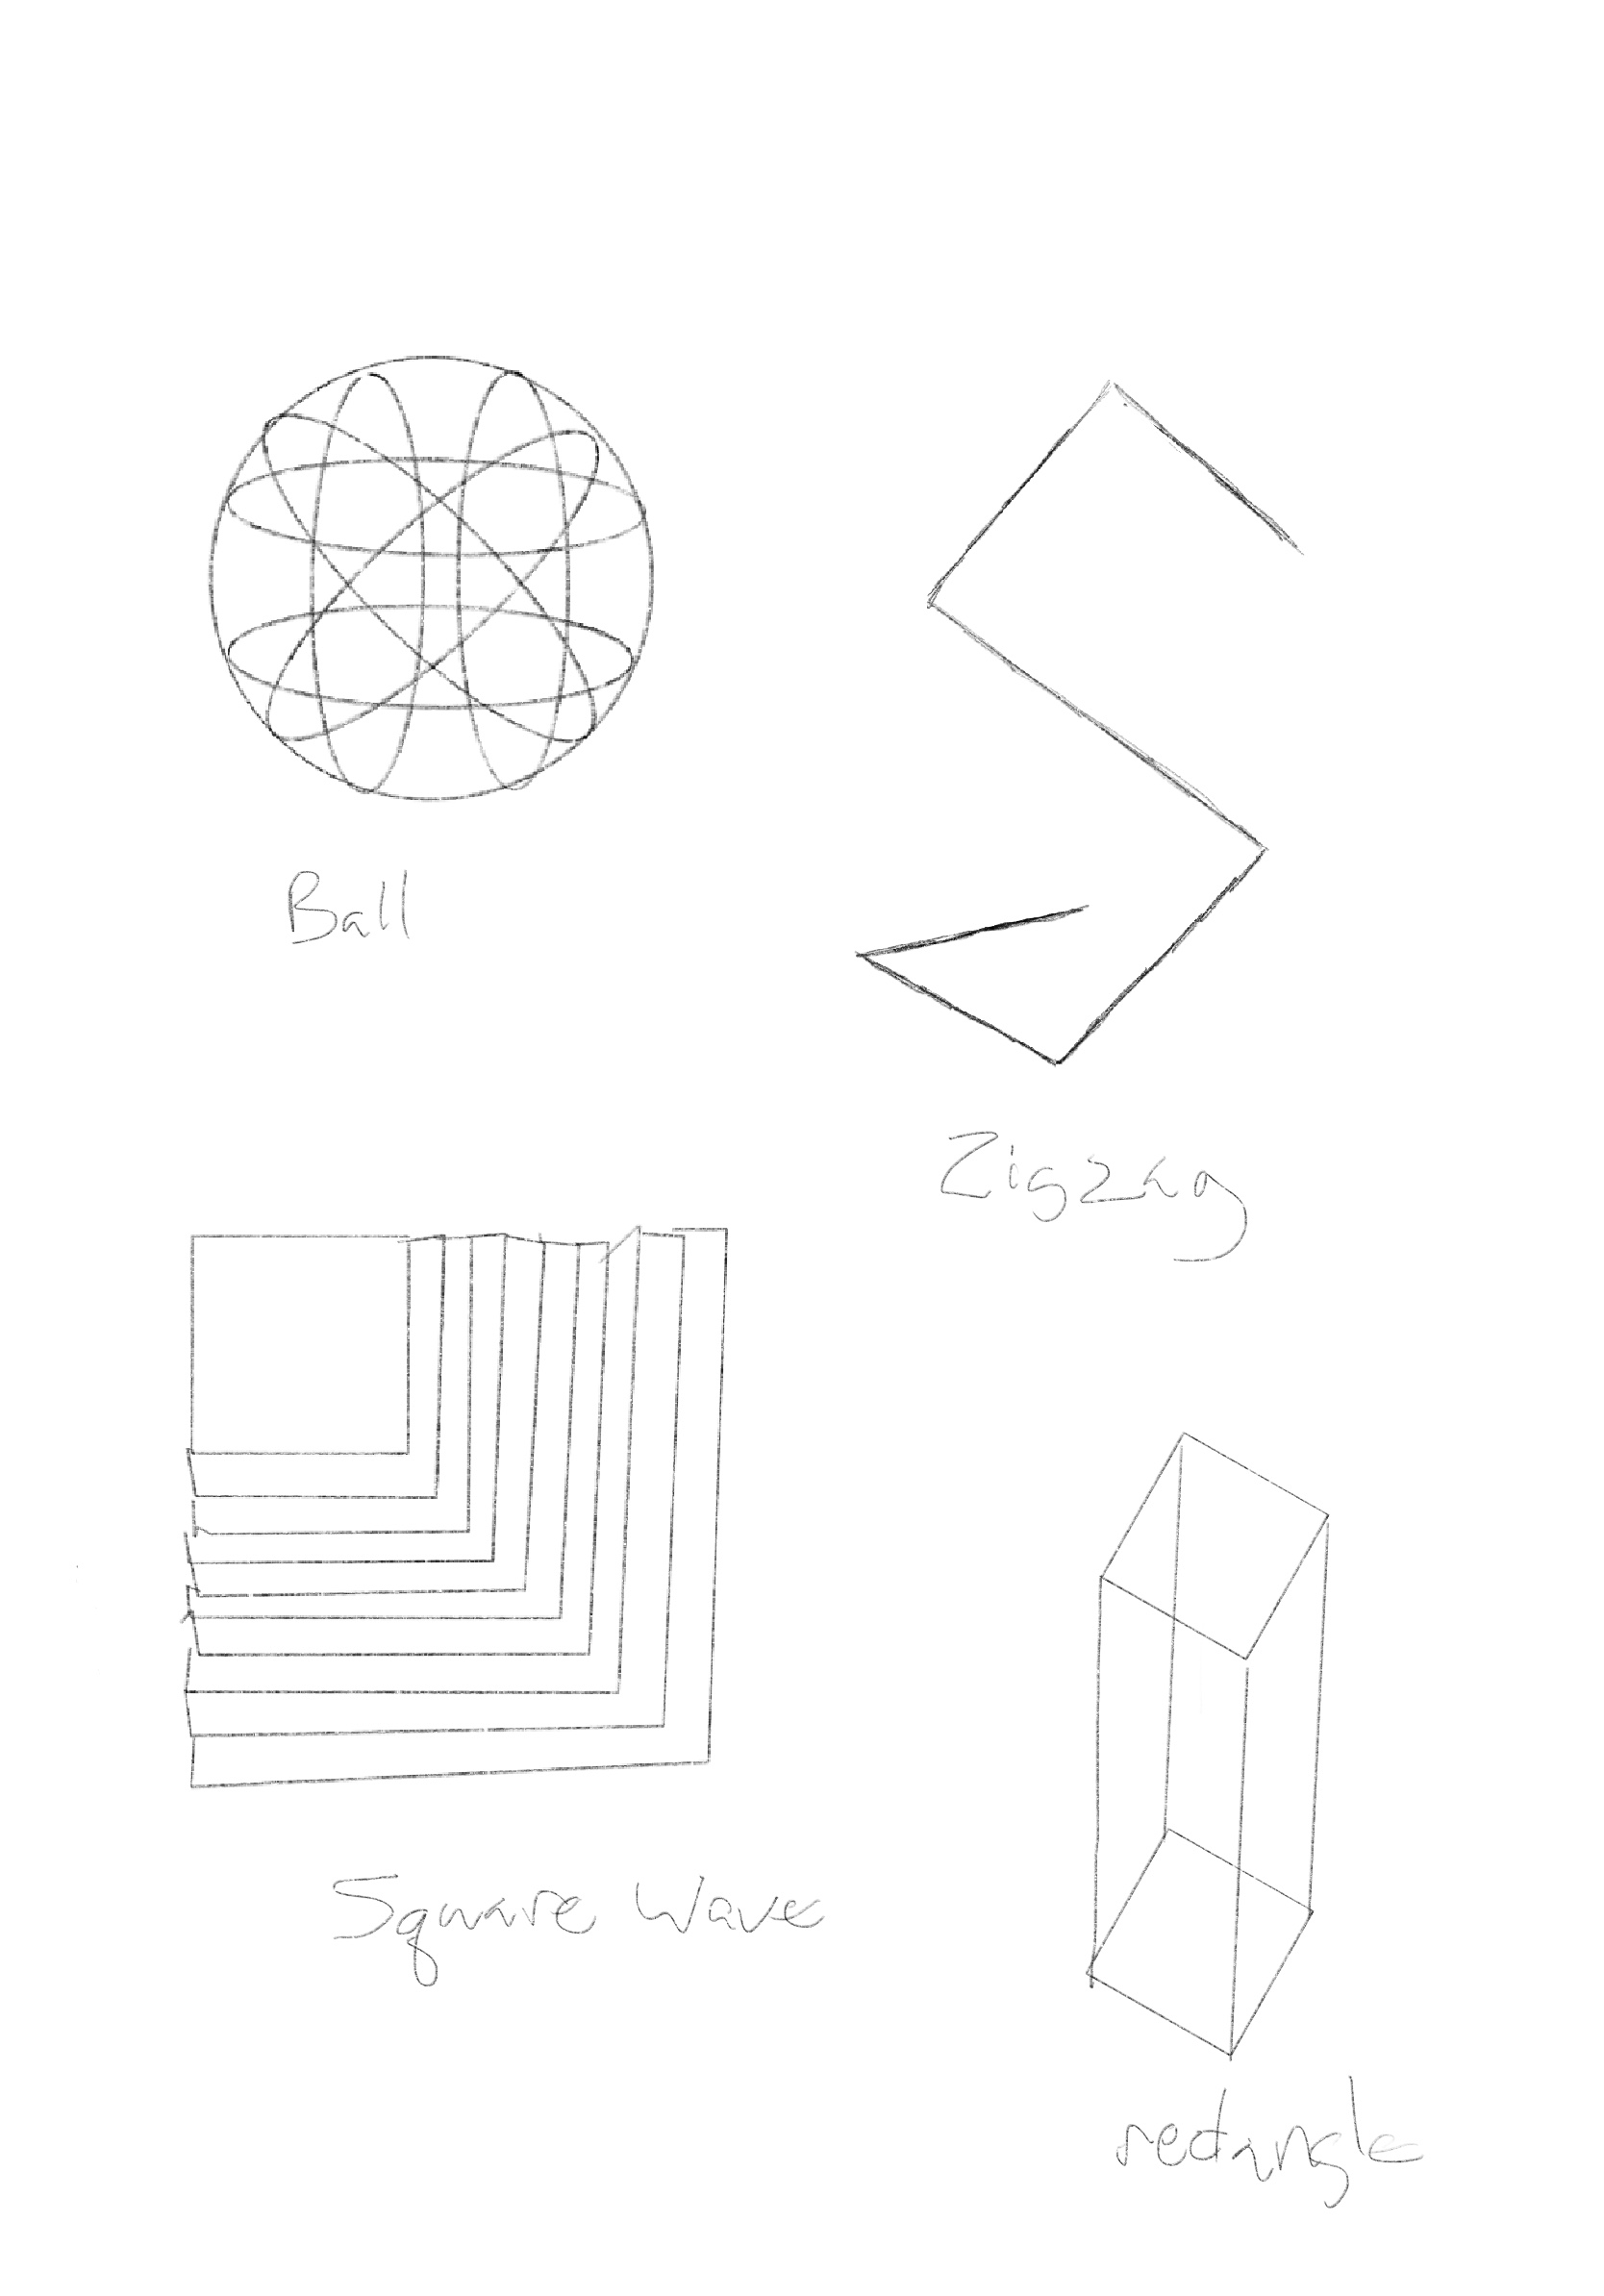 potential metal shapes / sculptures